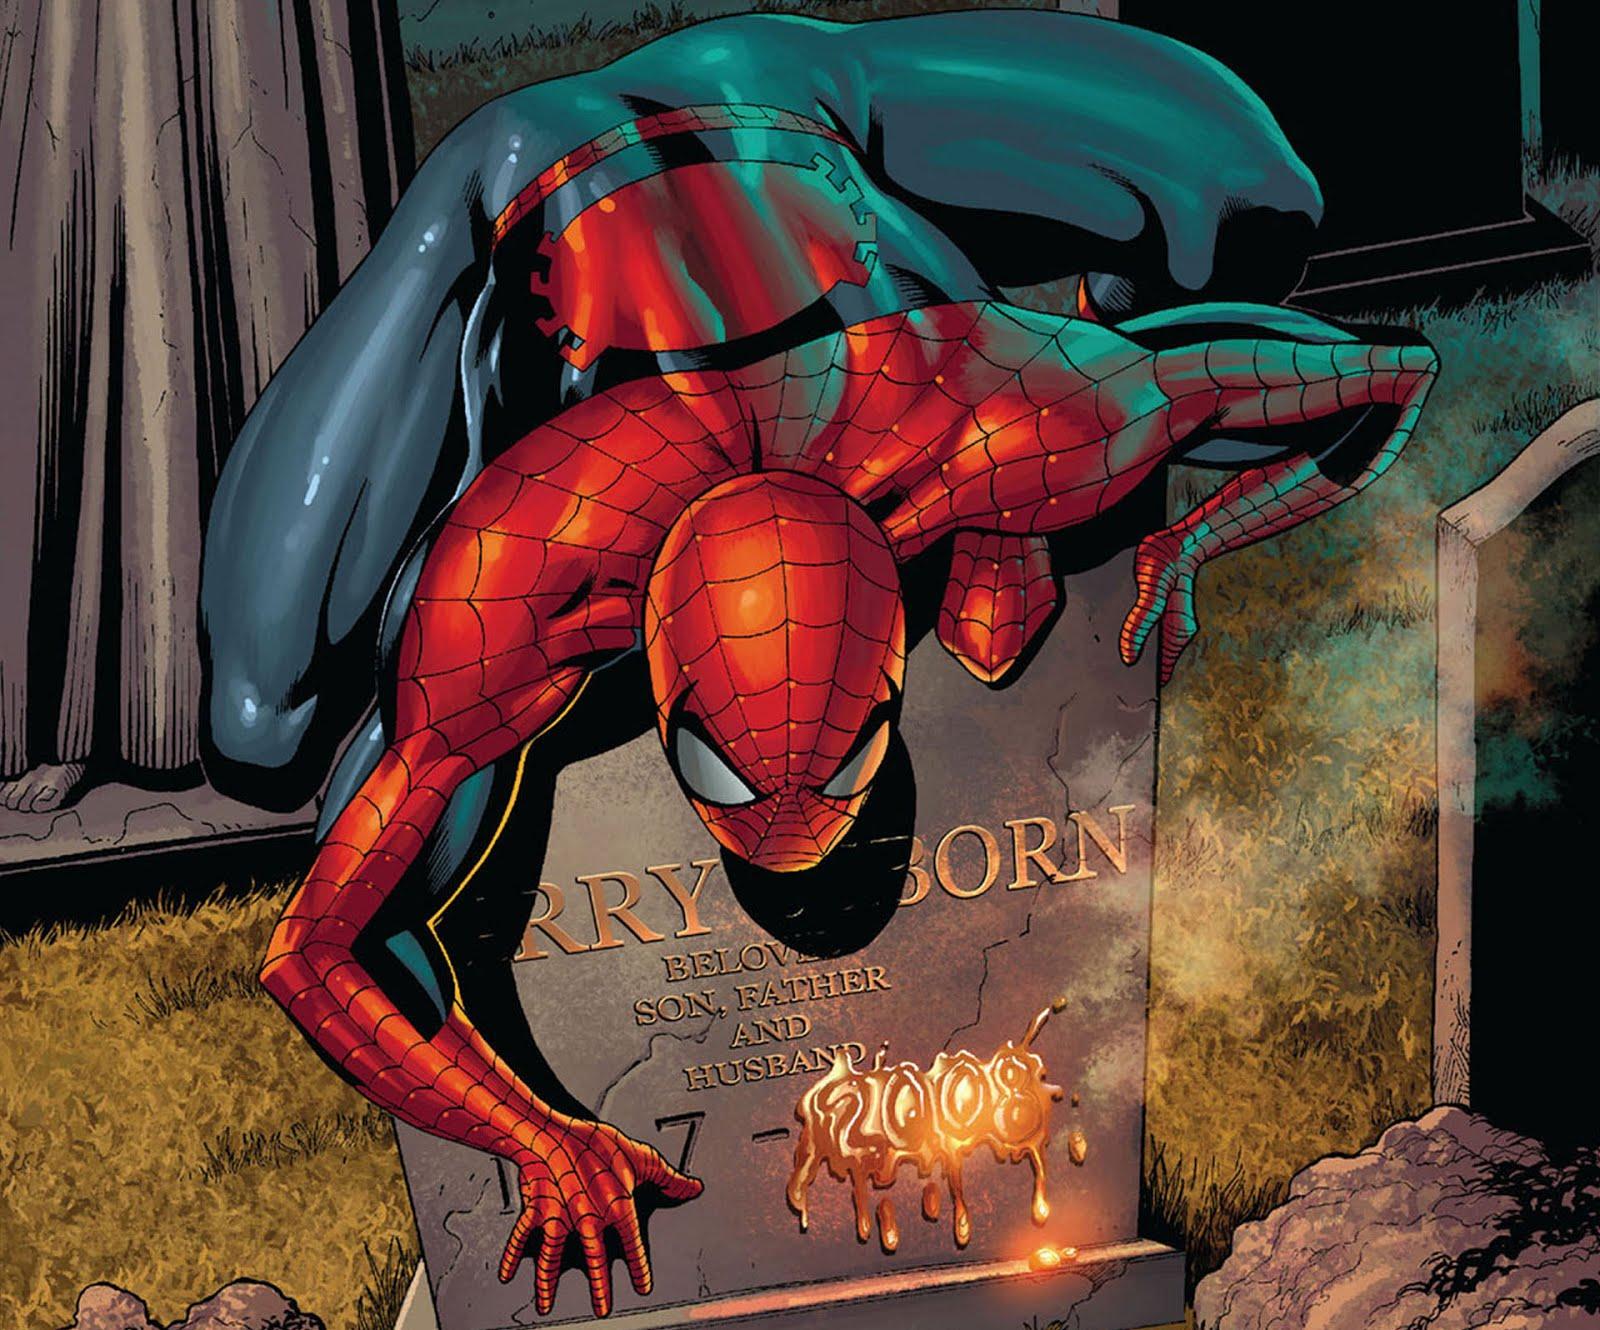 http://4.bp.blogspot.com/-bvapuoNRVB0/UJ-uxBk2maI/AAAAAAAABKs/j5Isay6f2jU/s1600/Spiderman%2BWallpaper.jpg